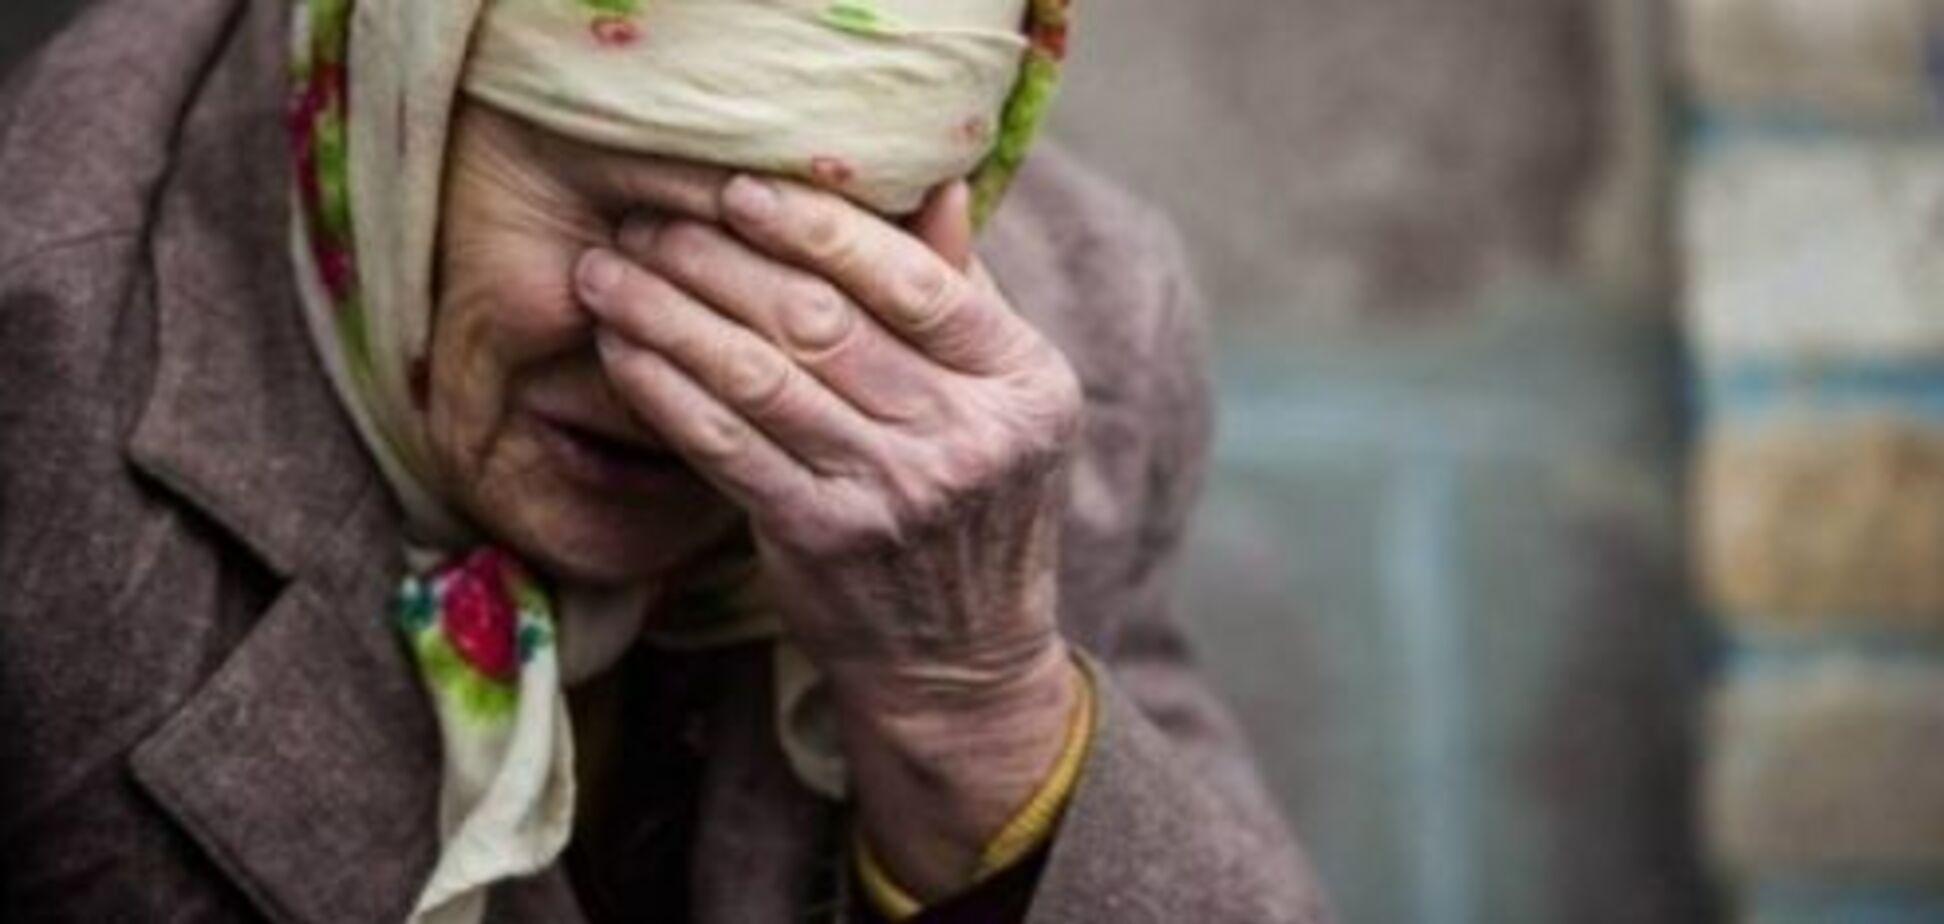 Під Дніпром задушили жінку: моторошні подробиці